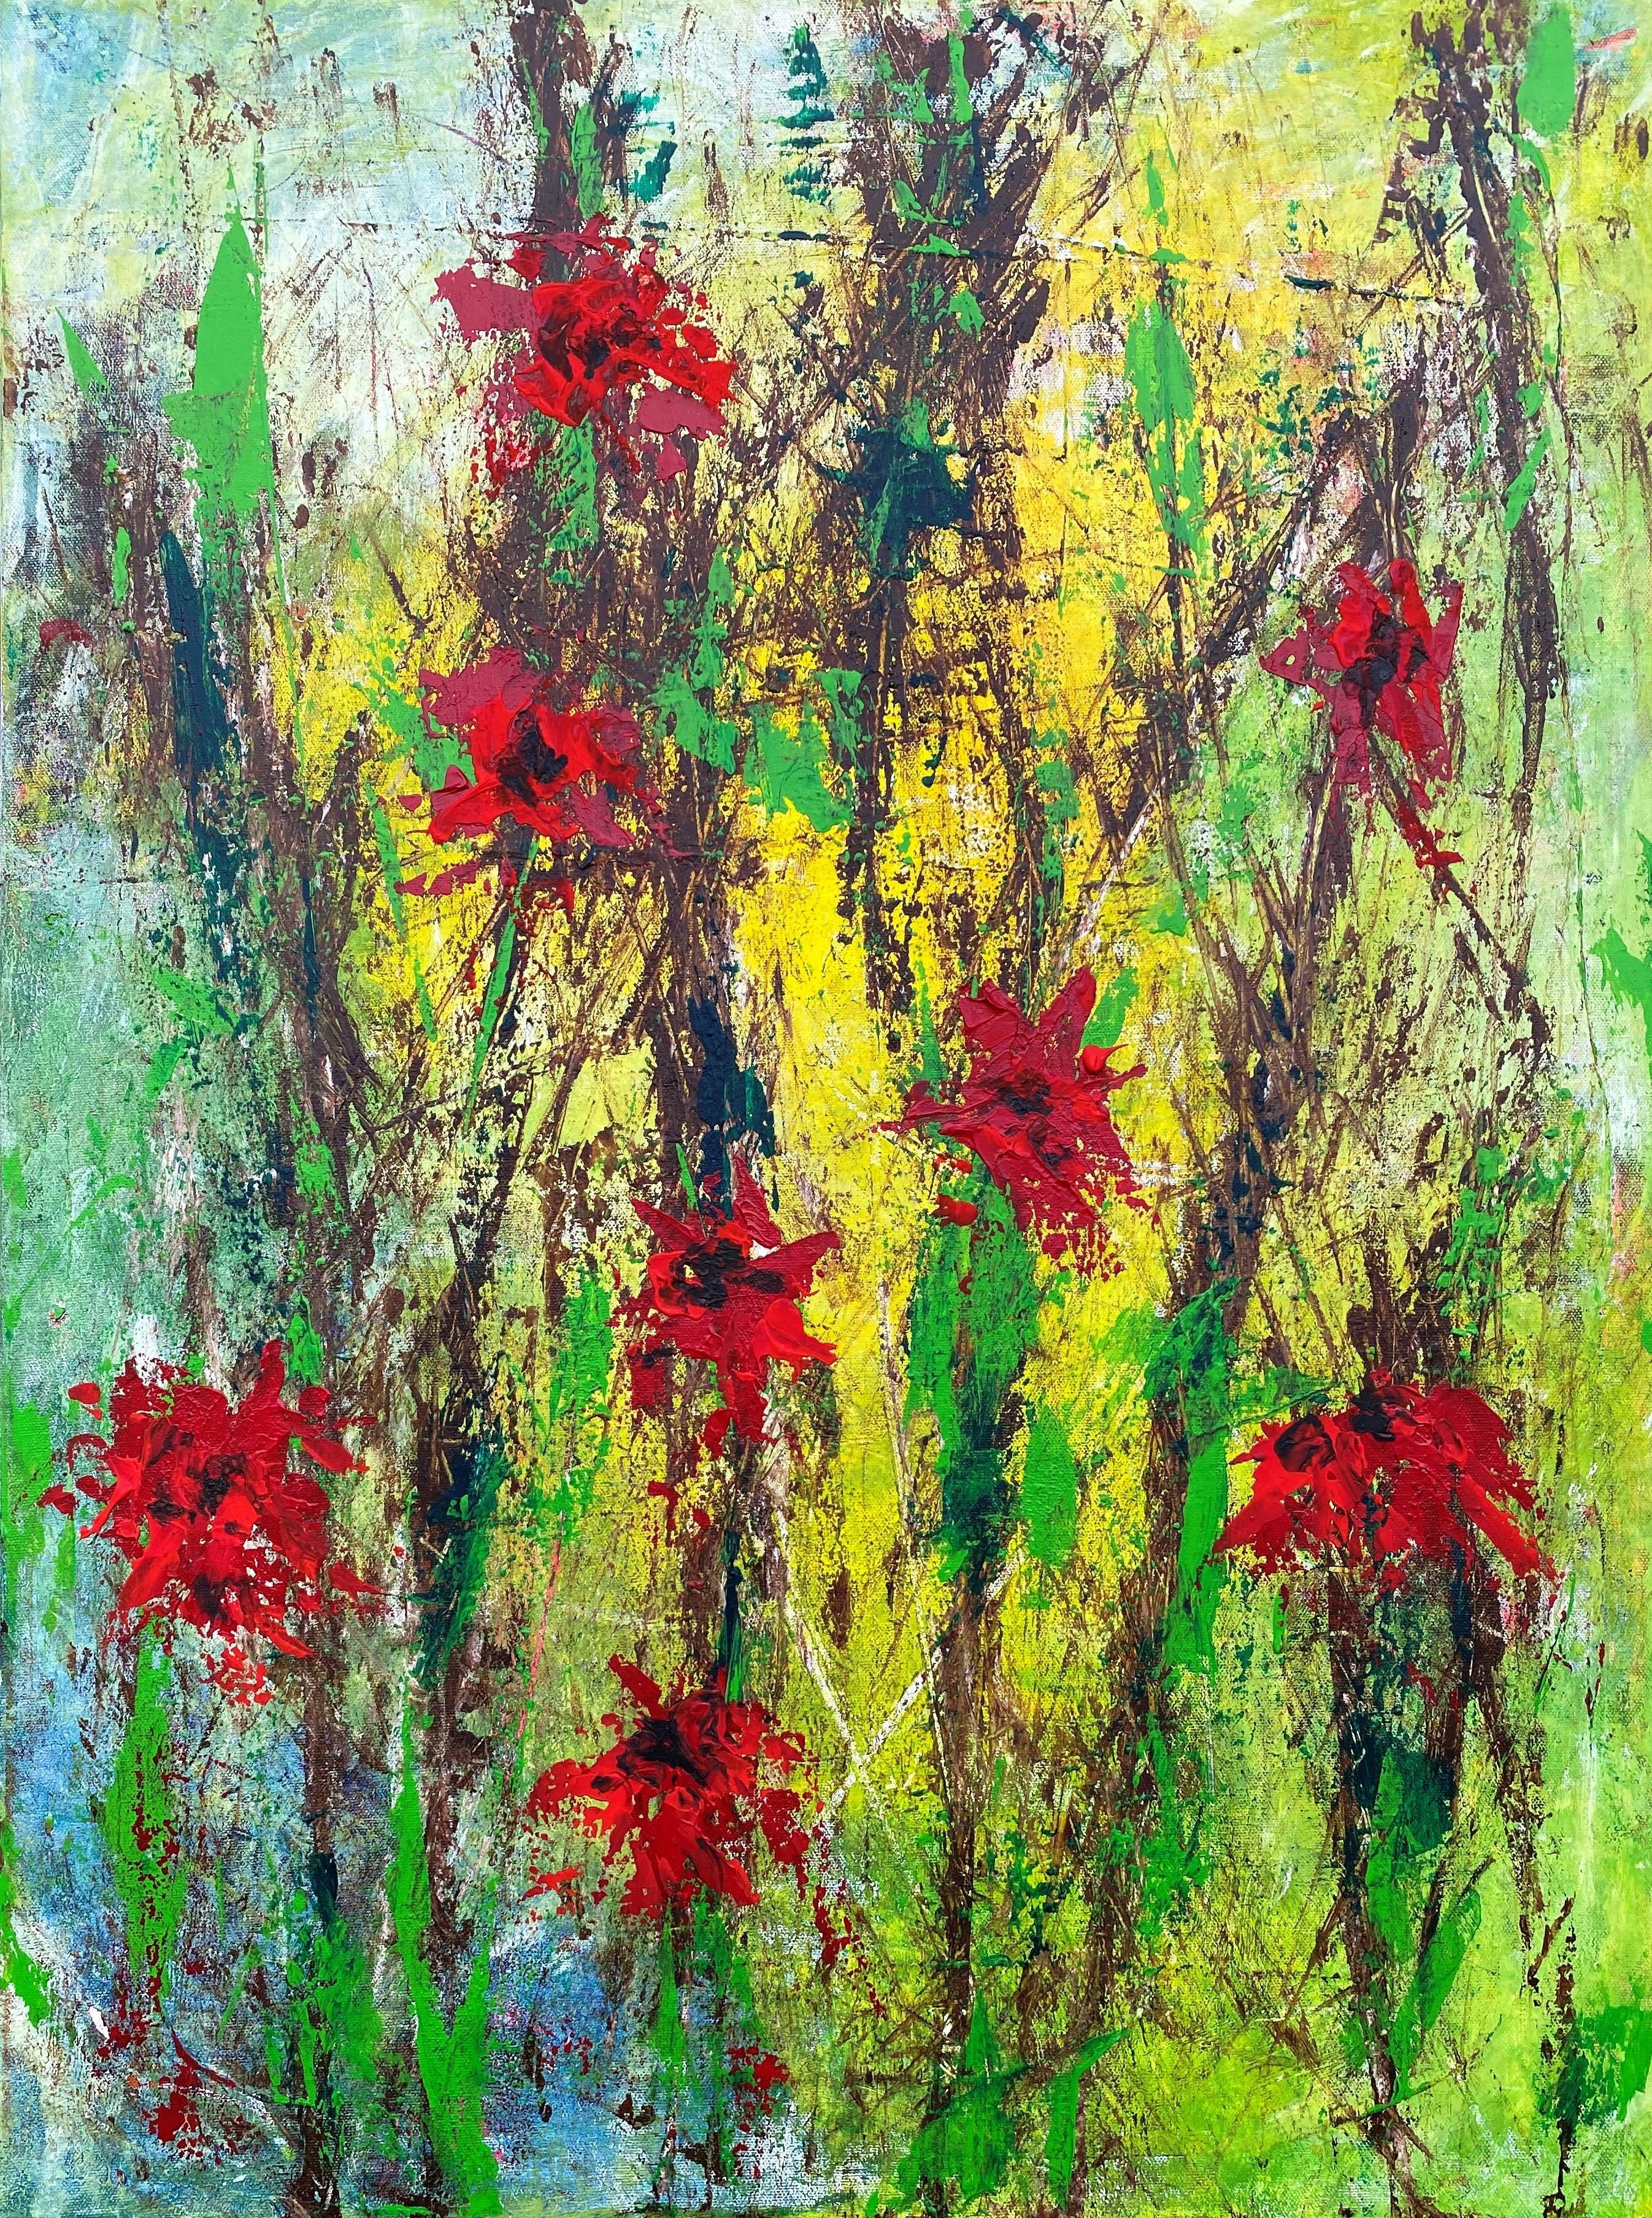 acryl auf leinwand 60x80 gemalt zu musik von thees uhlmann theesuhlmann abstract kunstproduktion billig bilder drucken